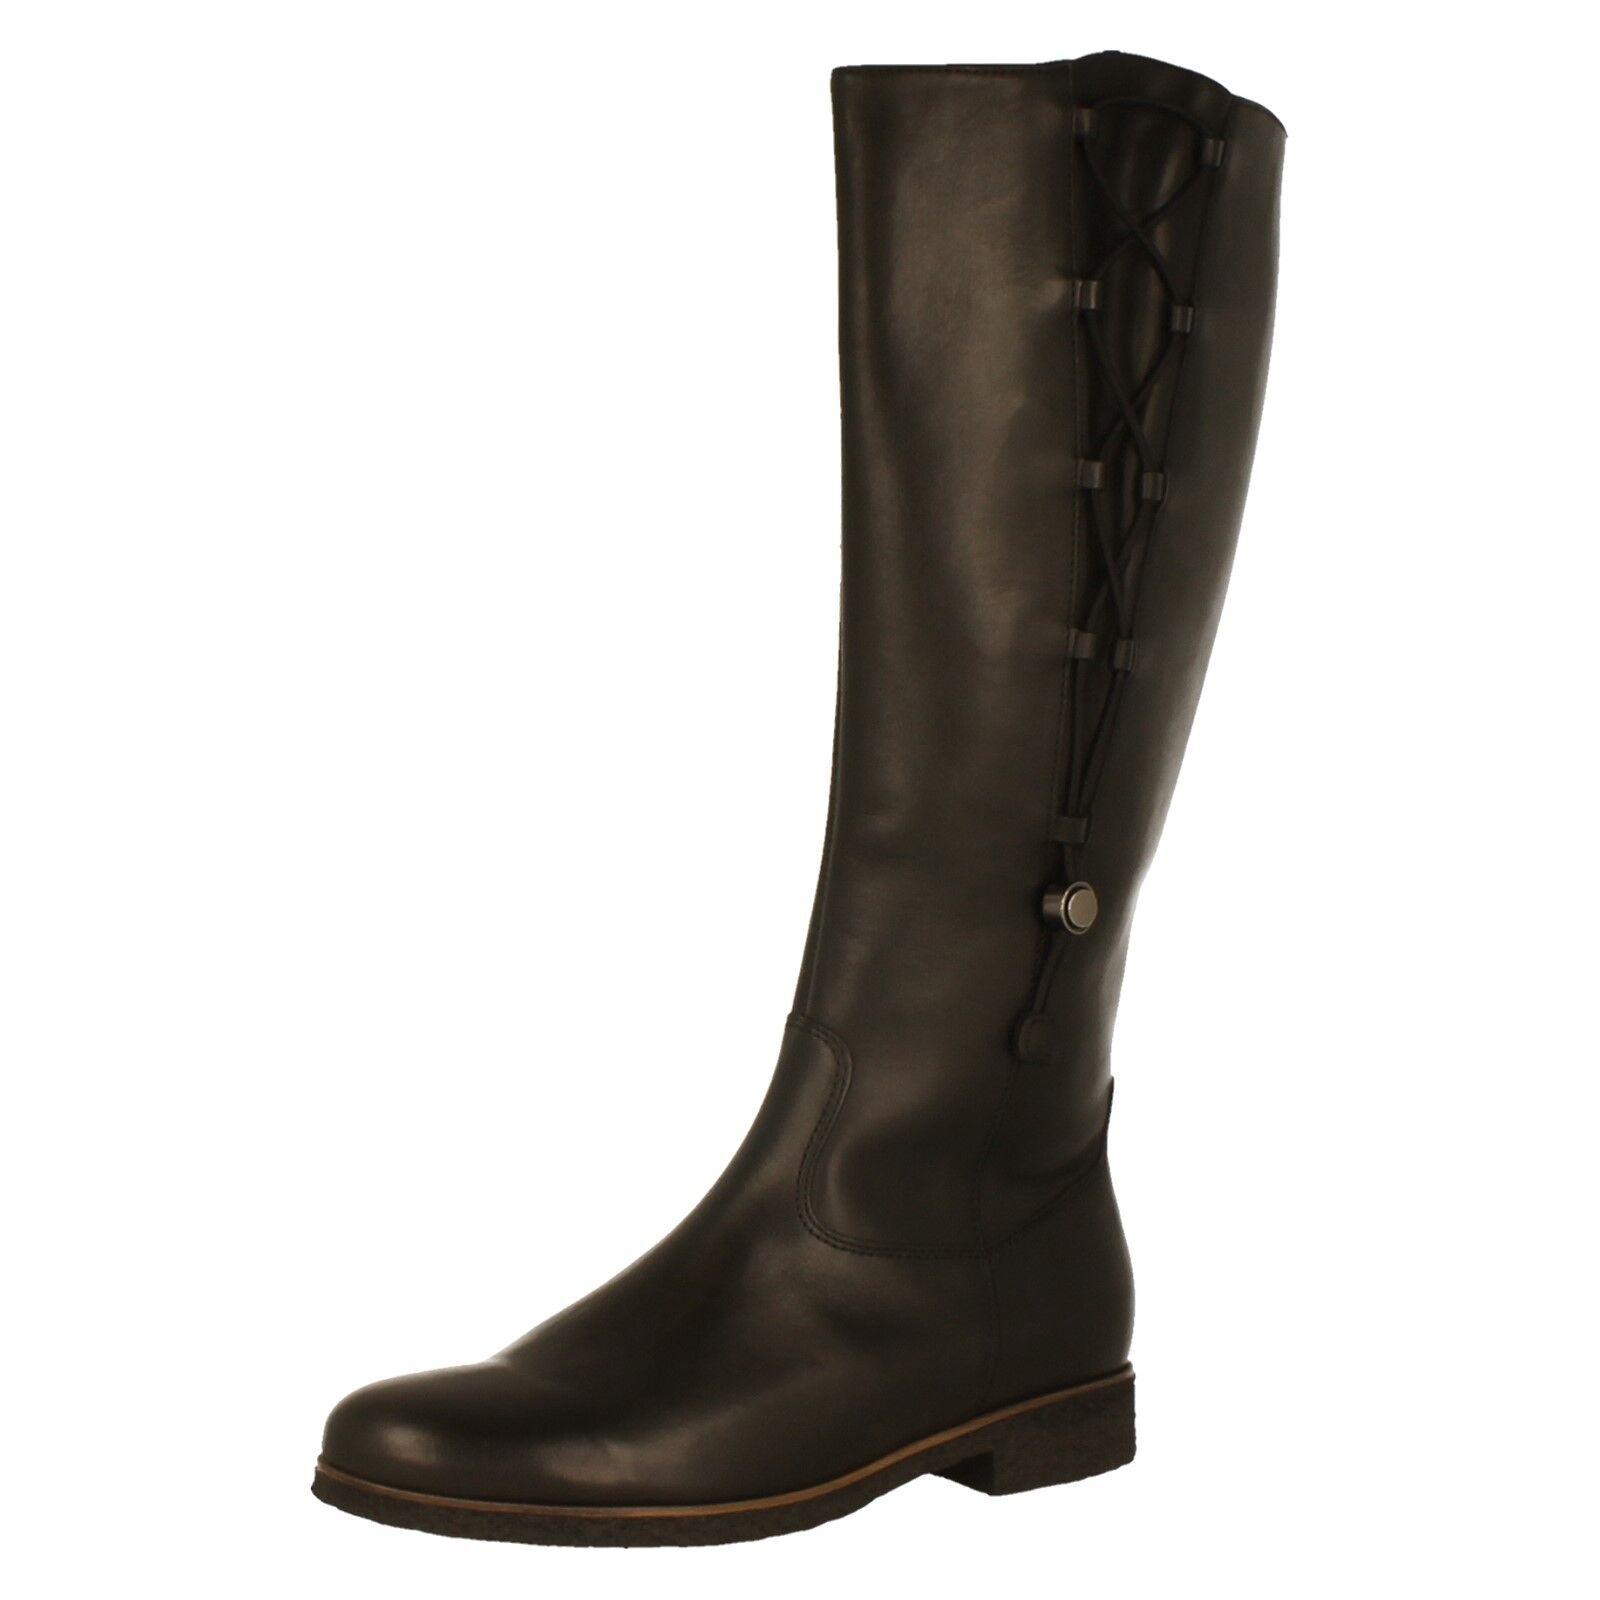 Mujer GABOR botas botas botas Altura Rodilla-71.676  marcas en línea venta barata